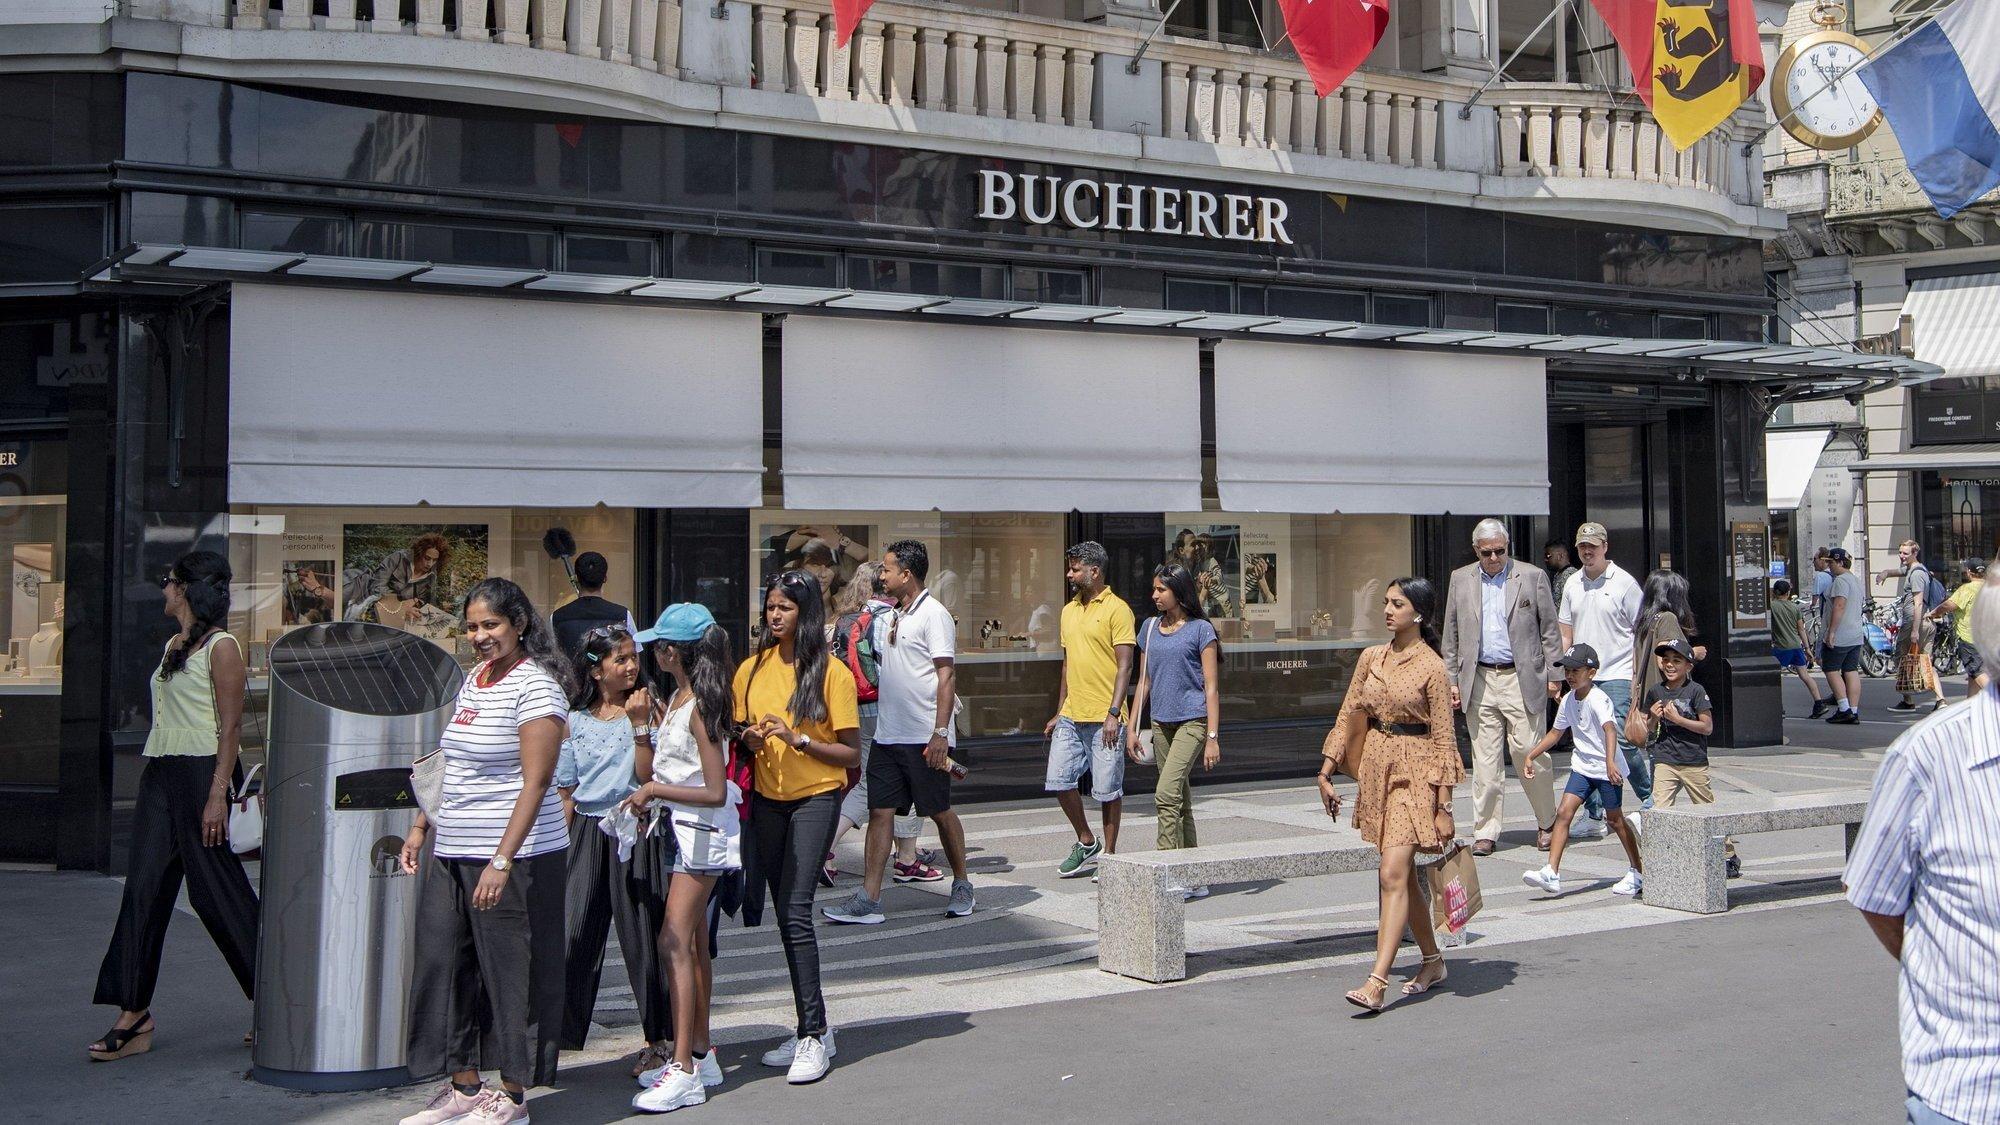 En Suisse et à Lucerne particulièrement, les détaillants horlogers pâtissent de l'absence des touristes asiatiques.